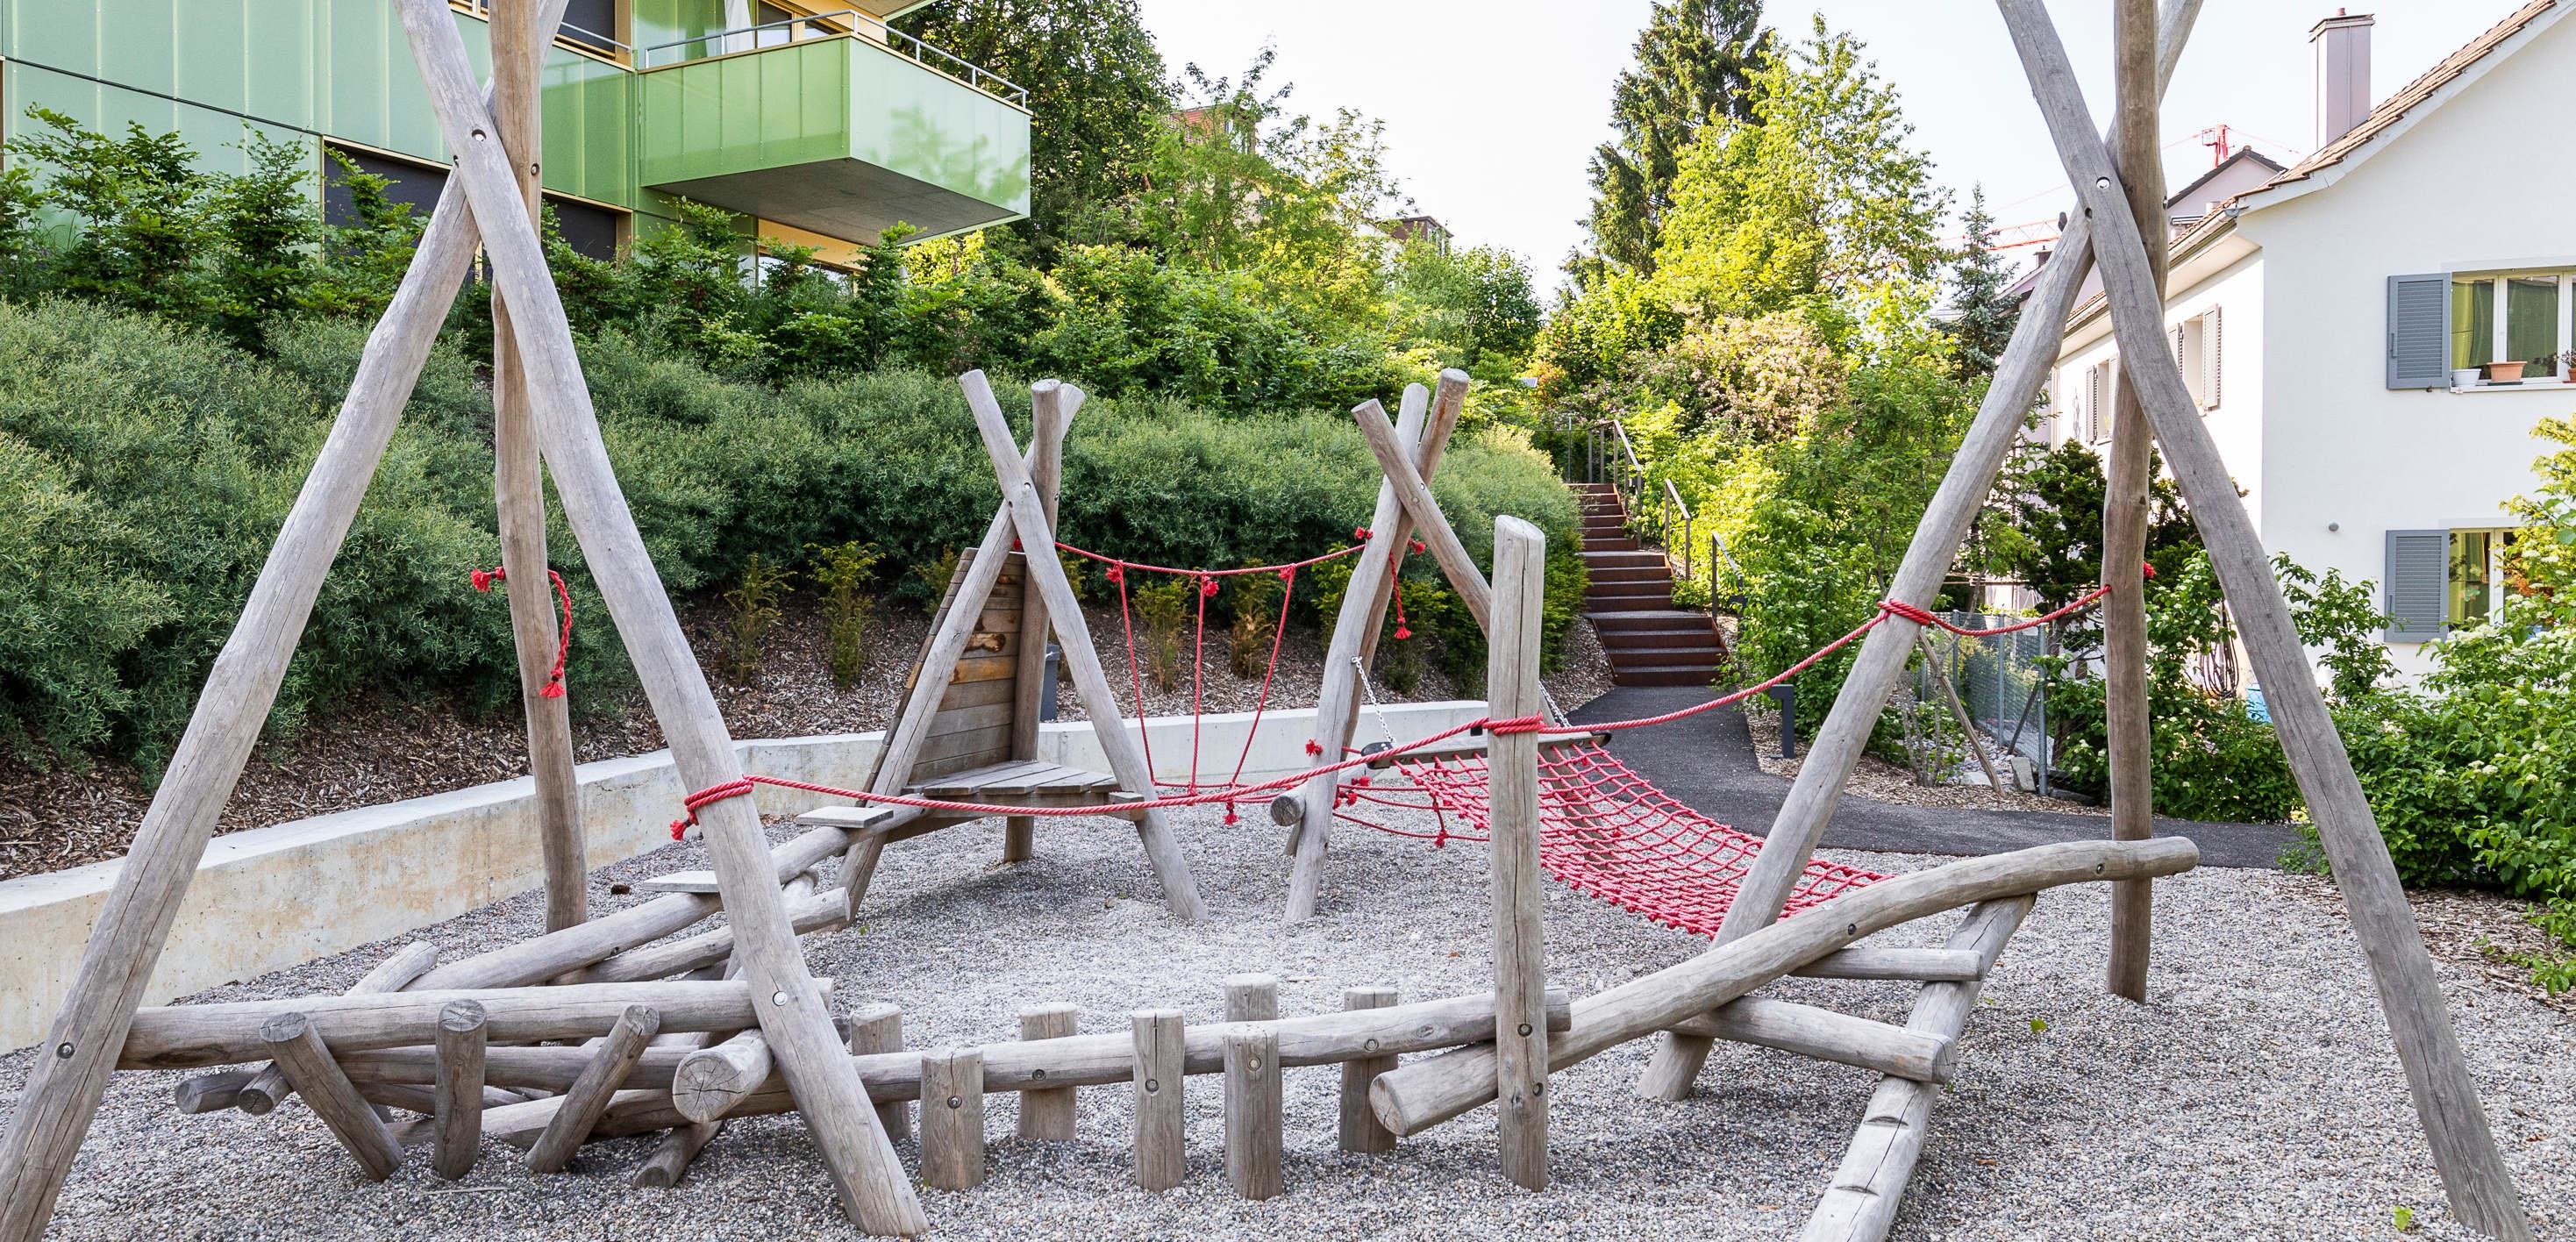 Gestalten Garten-Ausstattung